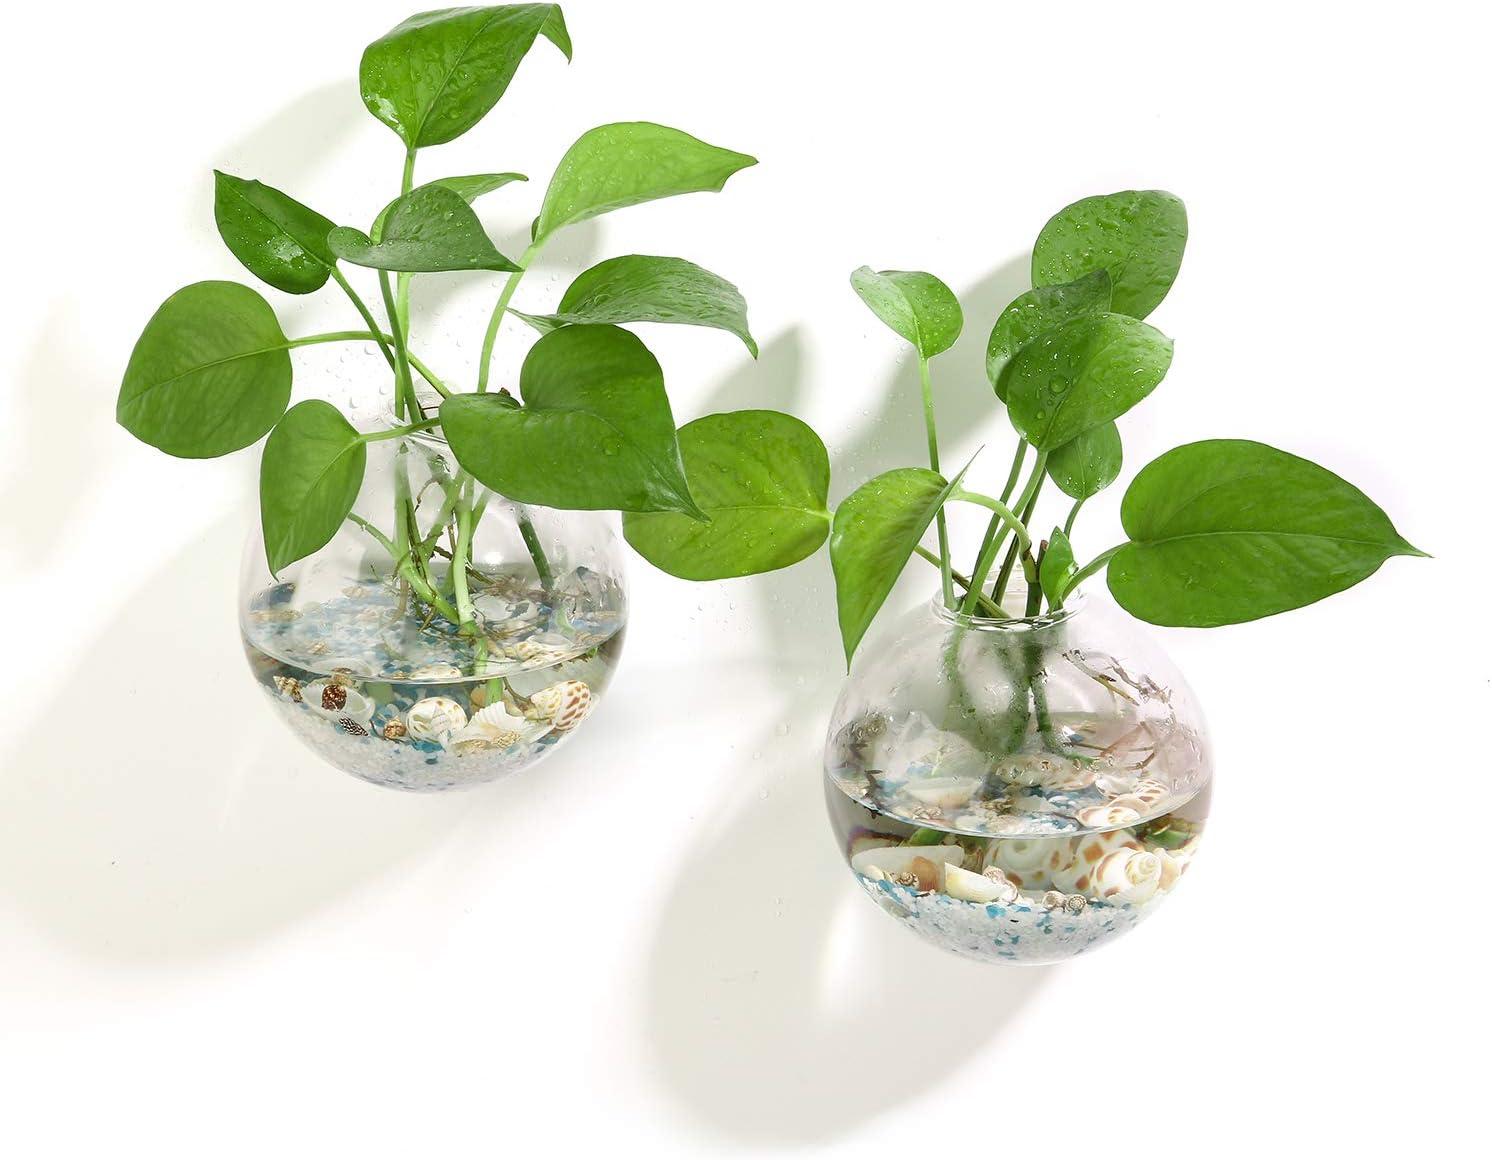 12 cm Heim- 2 St/ück perfekt f/ür die Vermehrung von Hydrokulturpflanzen Ivolador Terrarium-Beh/älter zum Aufh/ängen Garten- Glas Hochzeitsdekoration